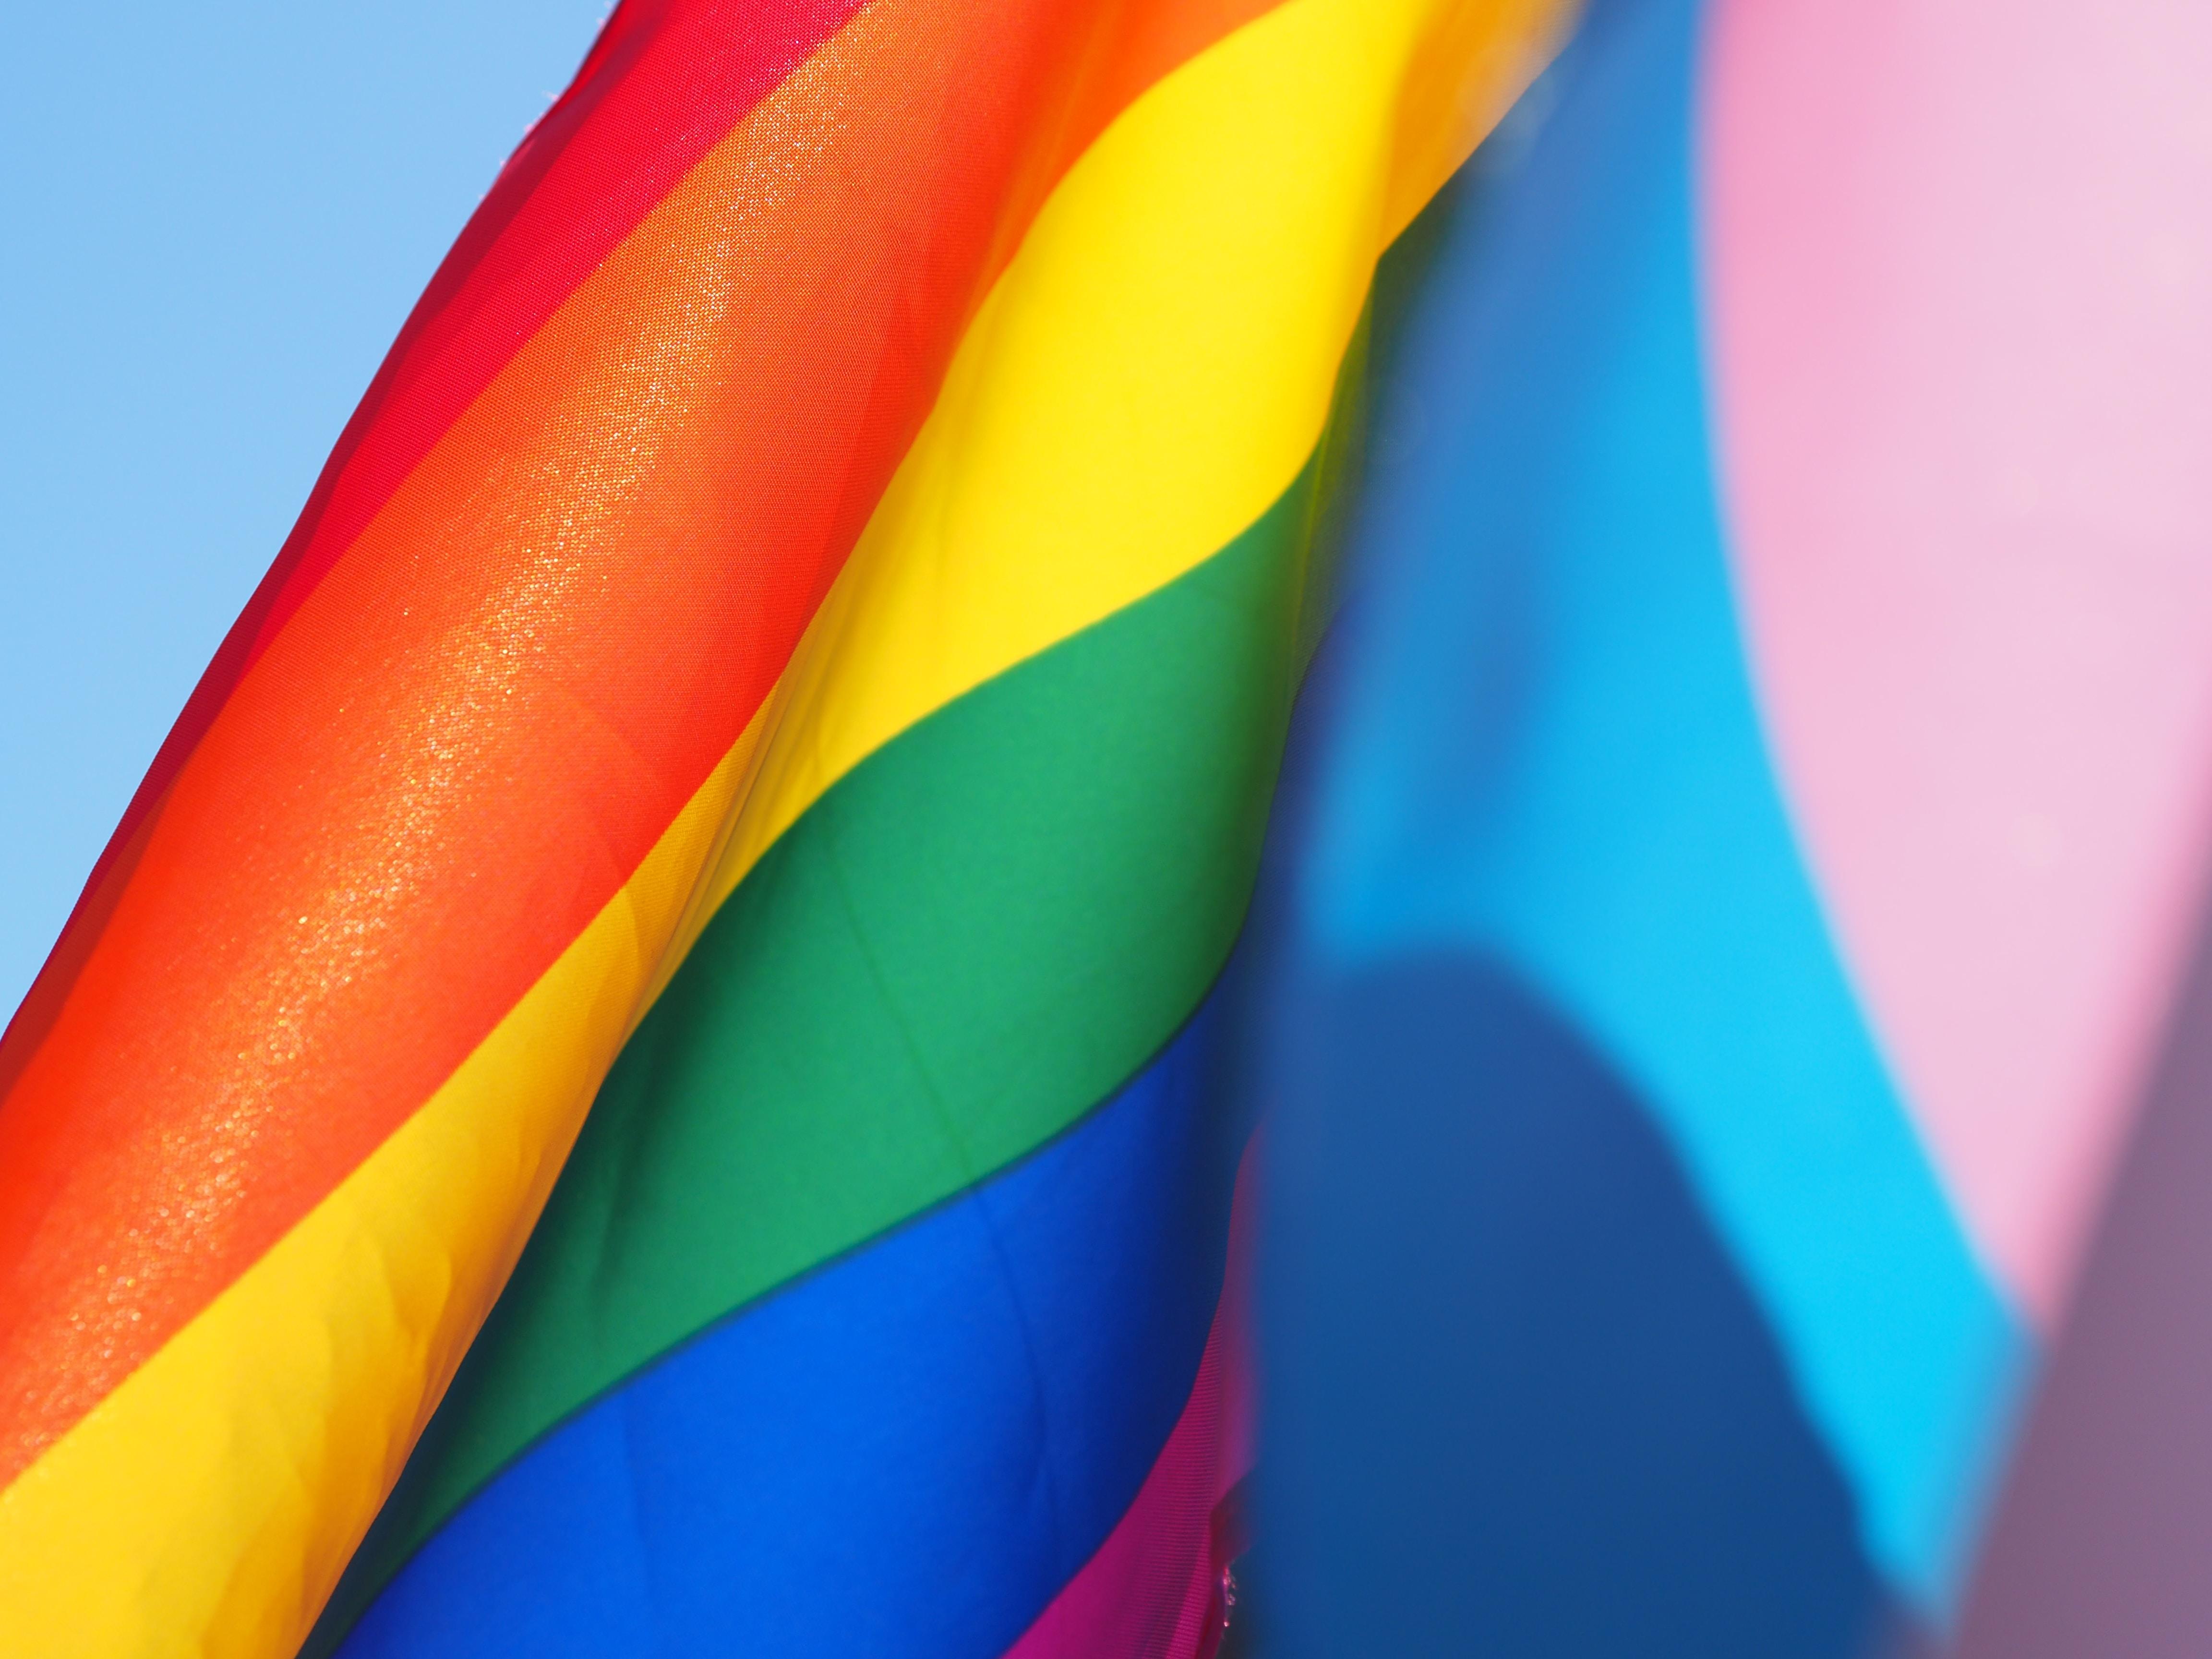 Władze Tajwanu szykują się na wprowadzenie równości małżeńskiej